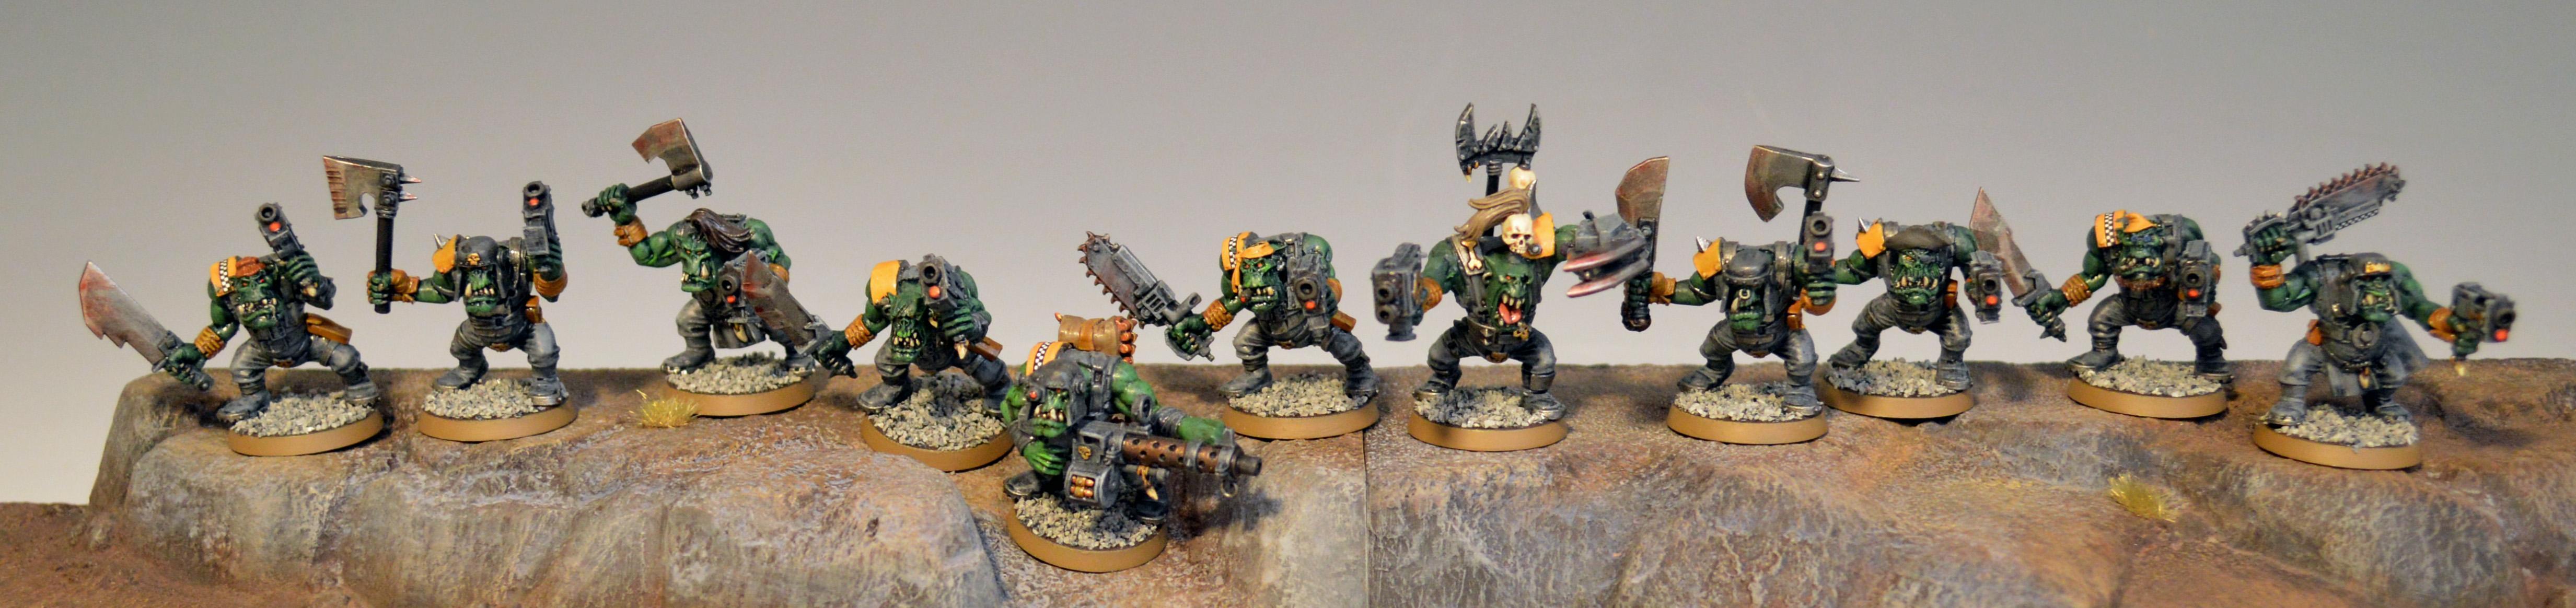 Boy, Orks, Slugga Boyz 1